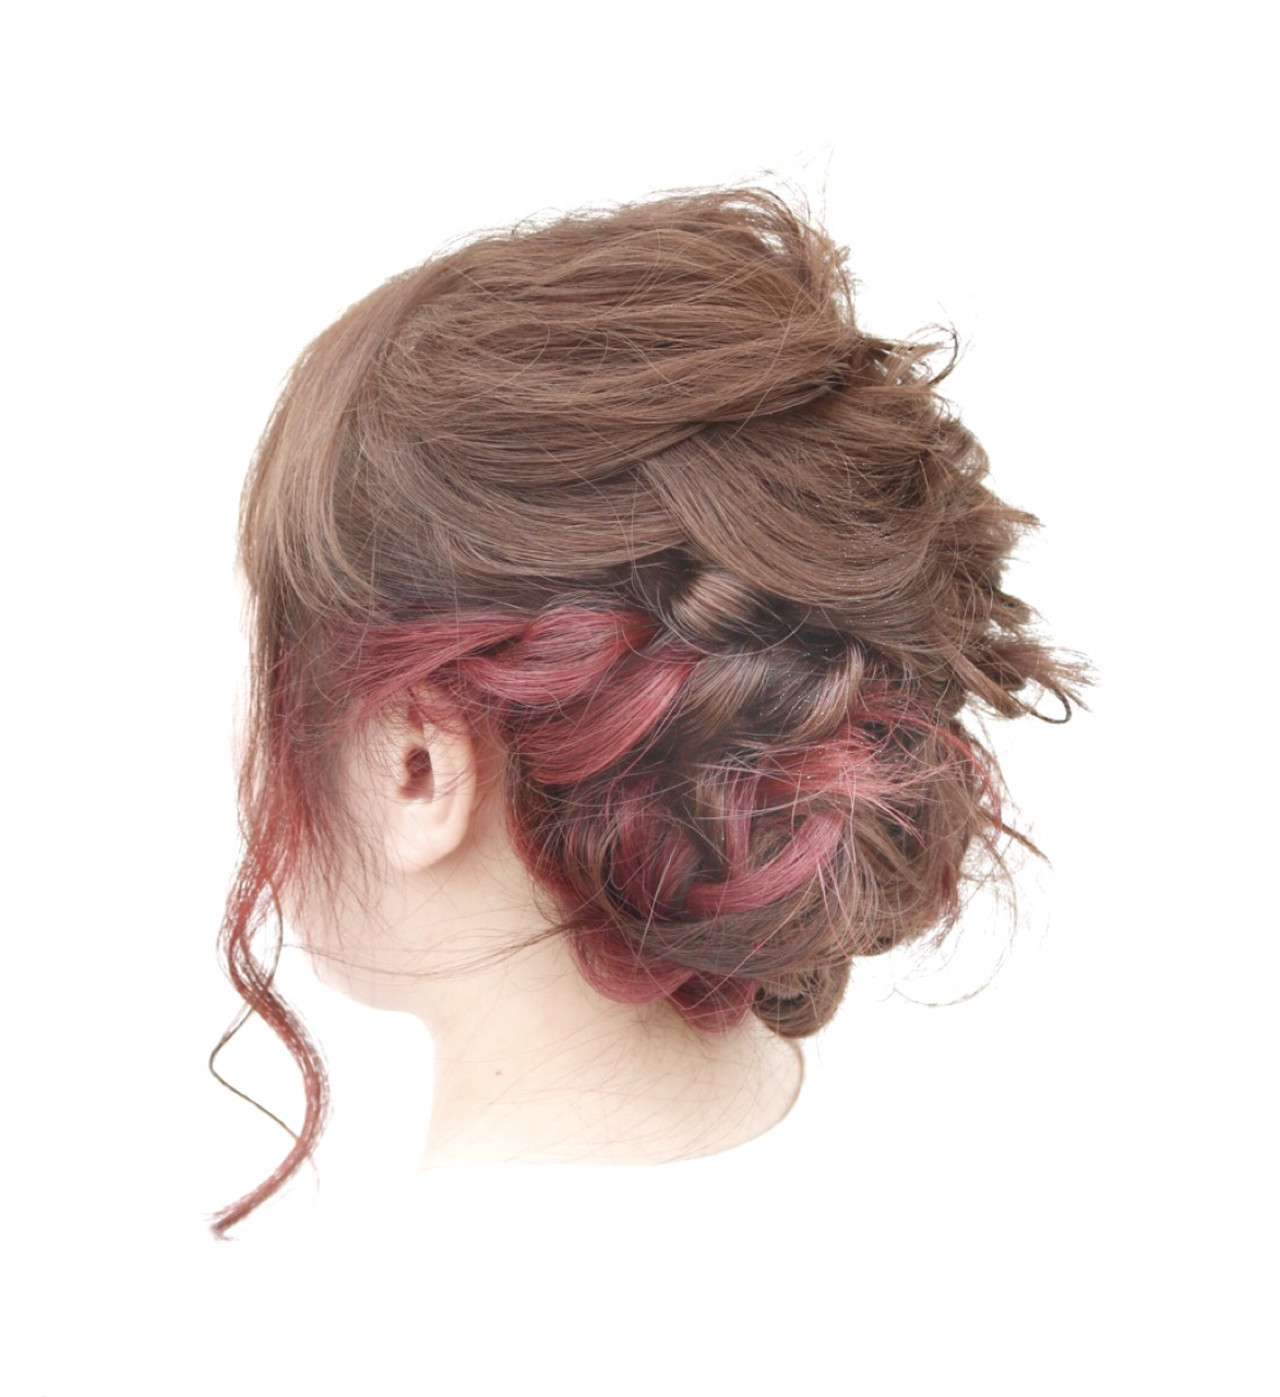 フィッシュボーン×まとめ髪で華やかに 蝦名貴之